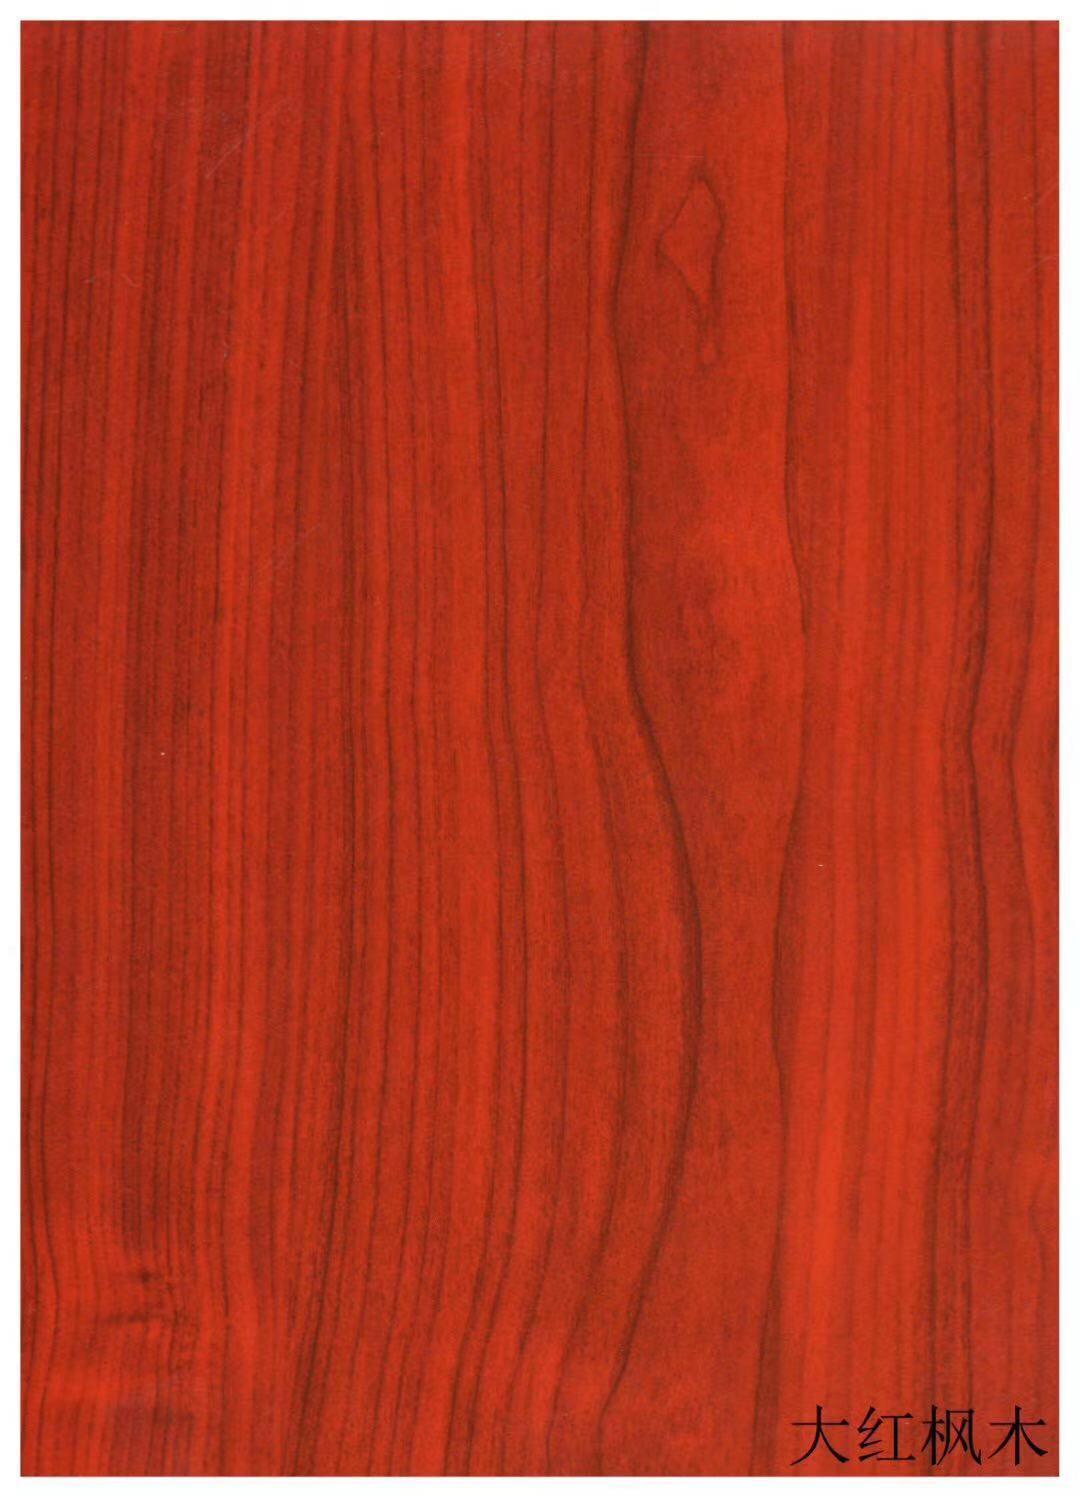 高比316熱轉印不鏽鋼板大紅楓木 1